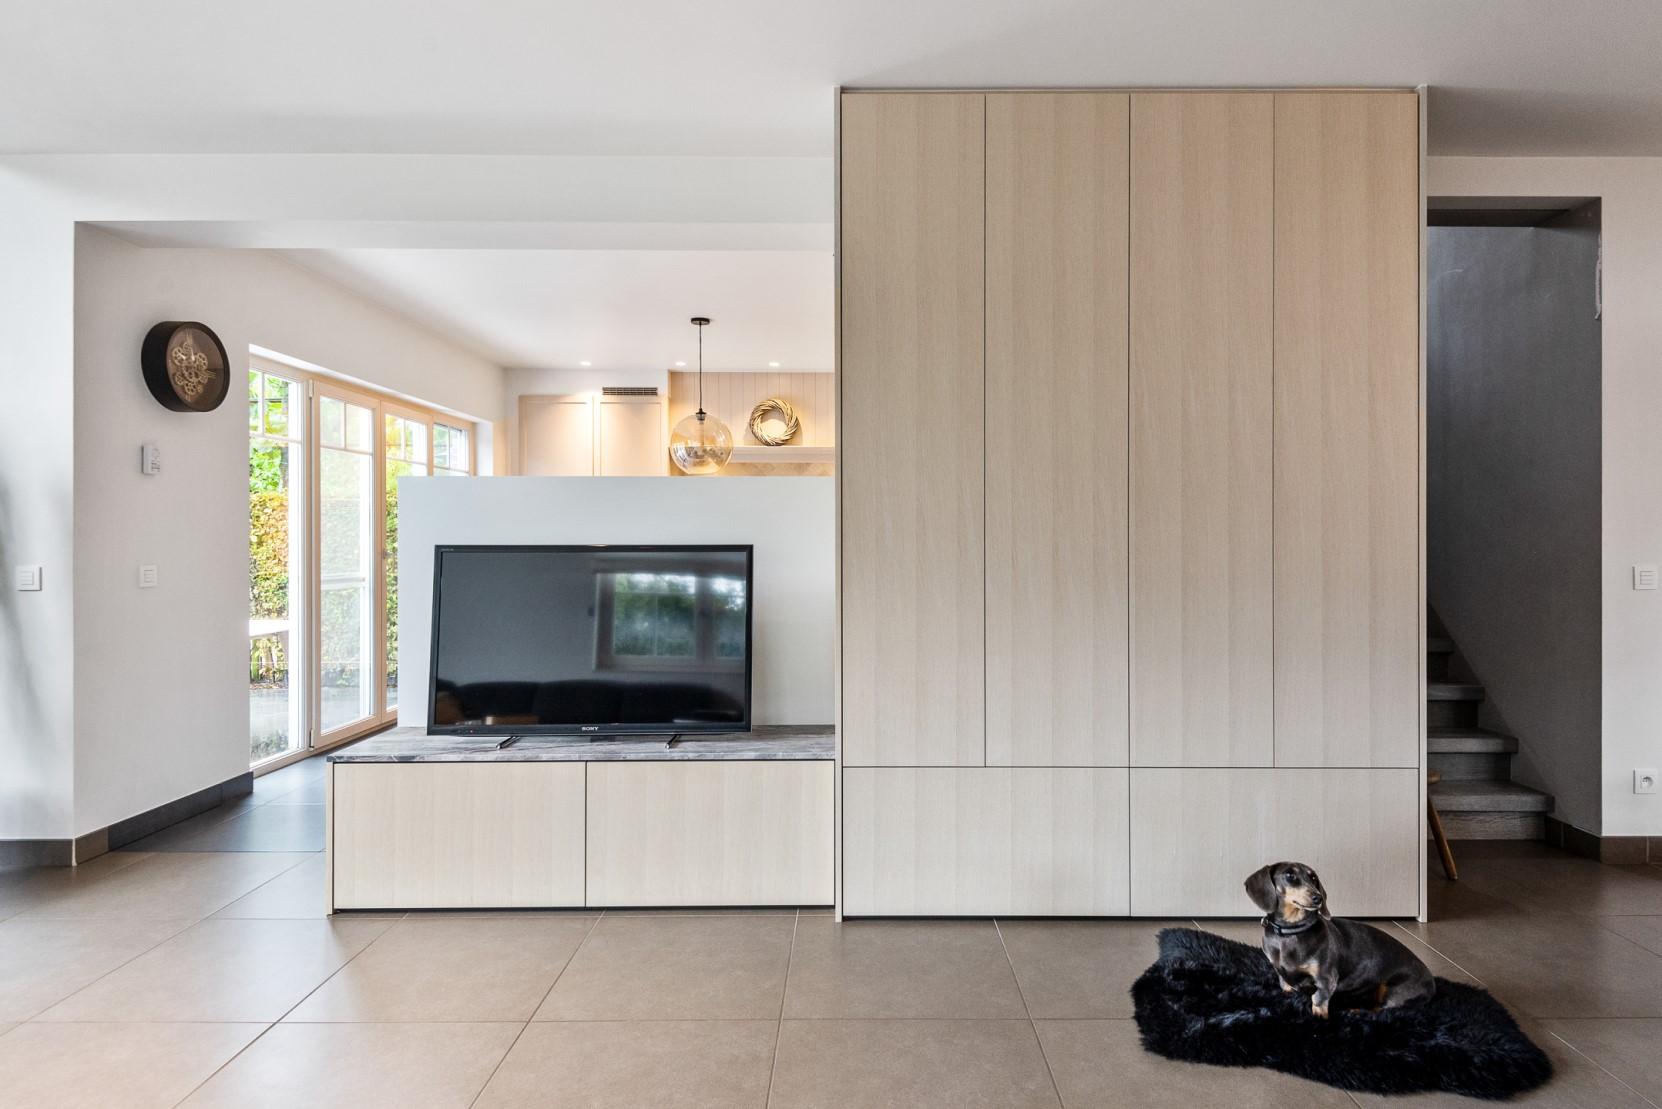 Tv-meubel met hond